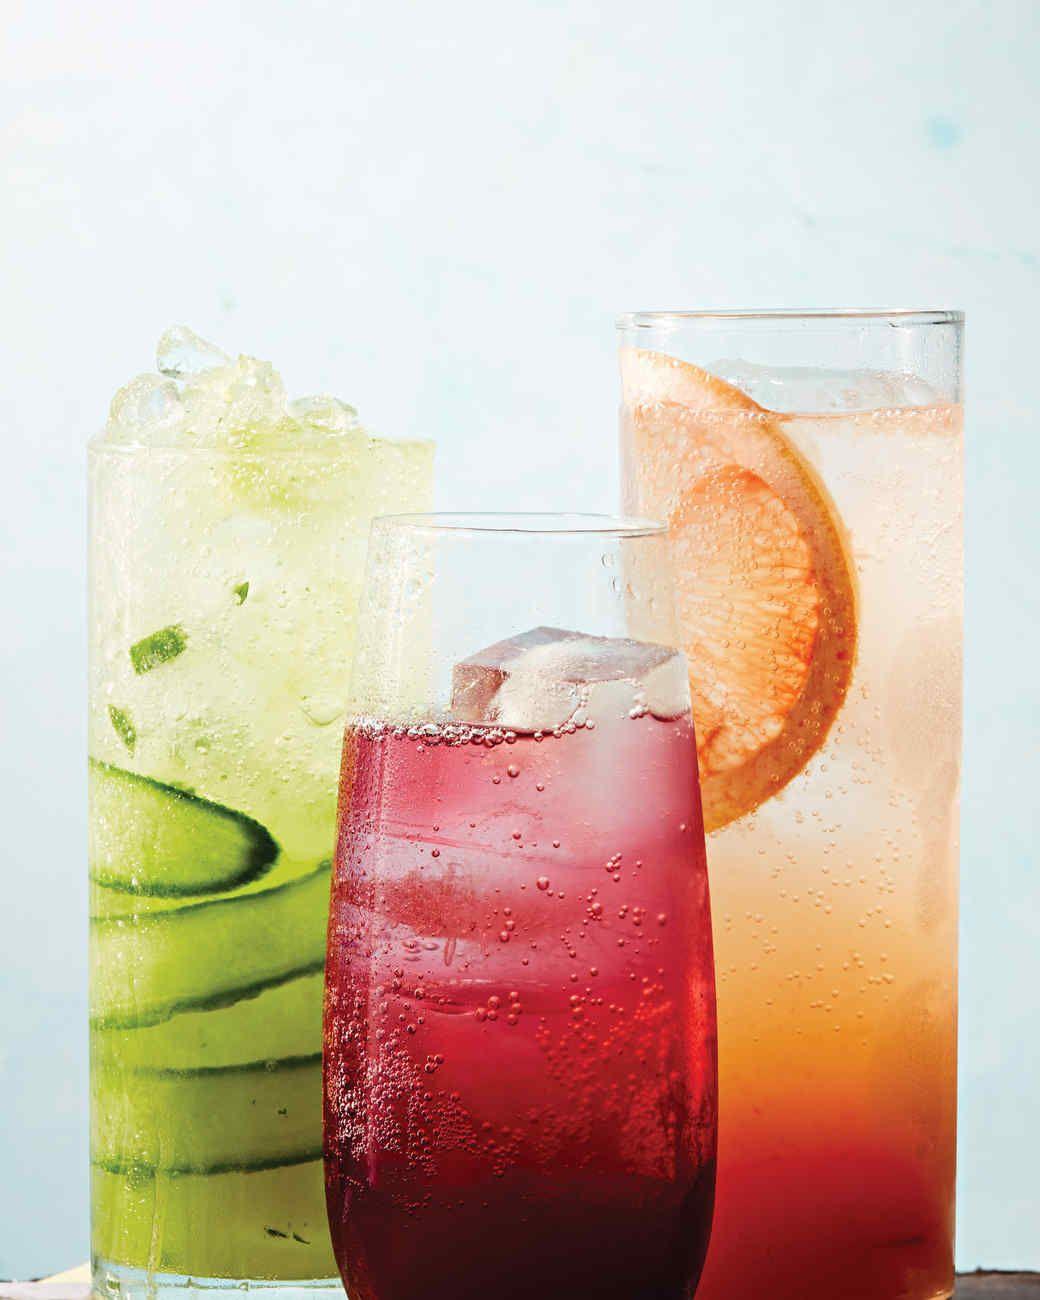 Spicy Grapefruit Spritz Recipe Grapefruit Cucumber And Ice